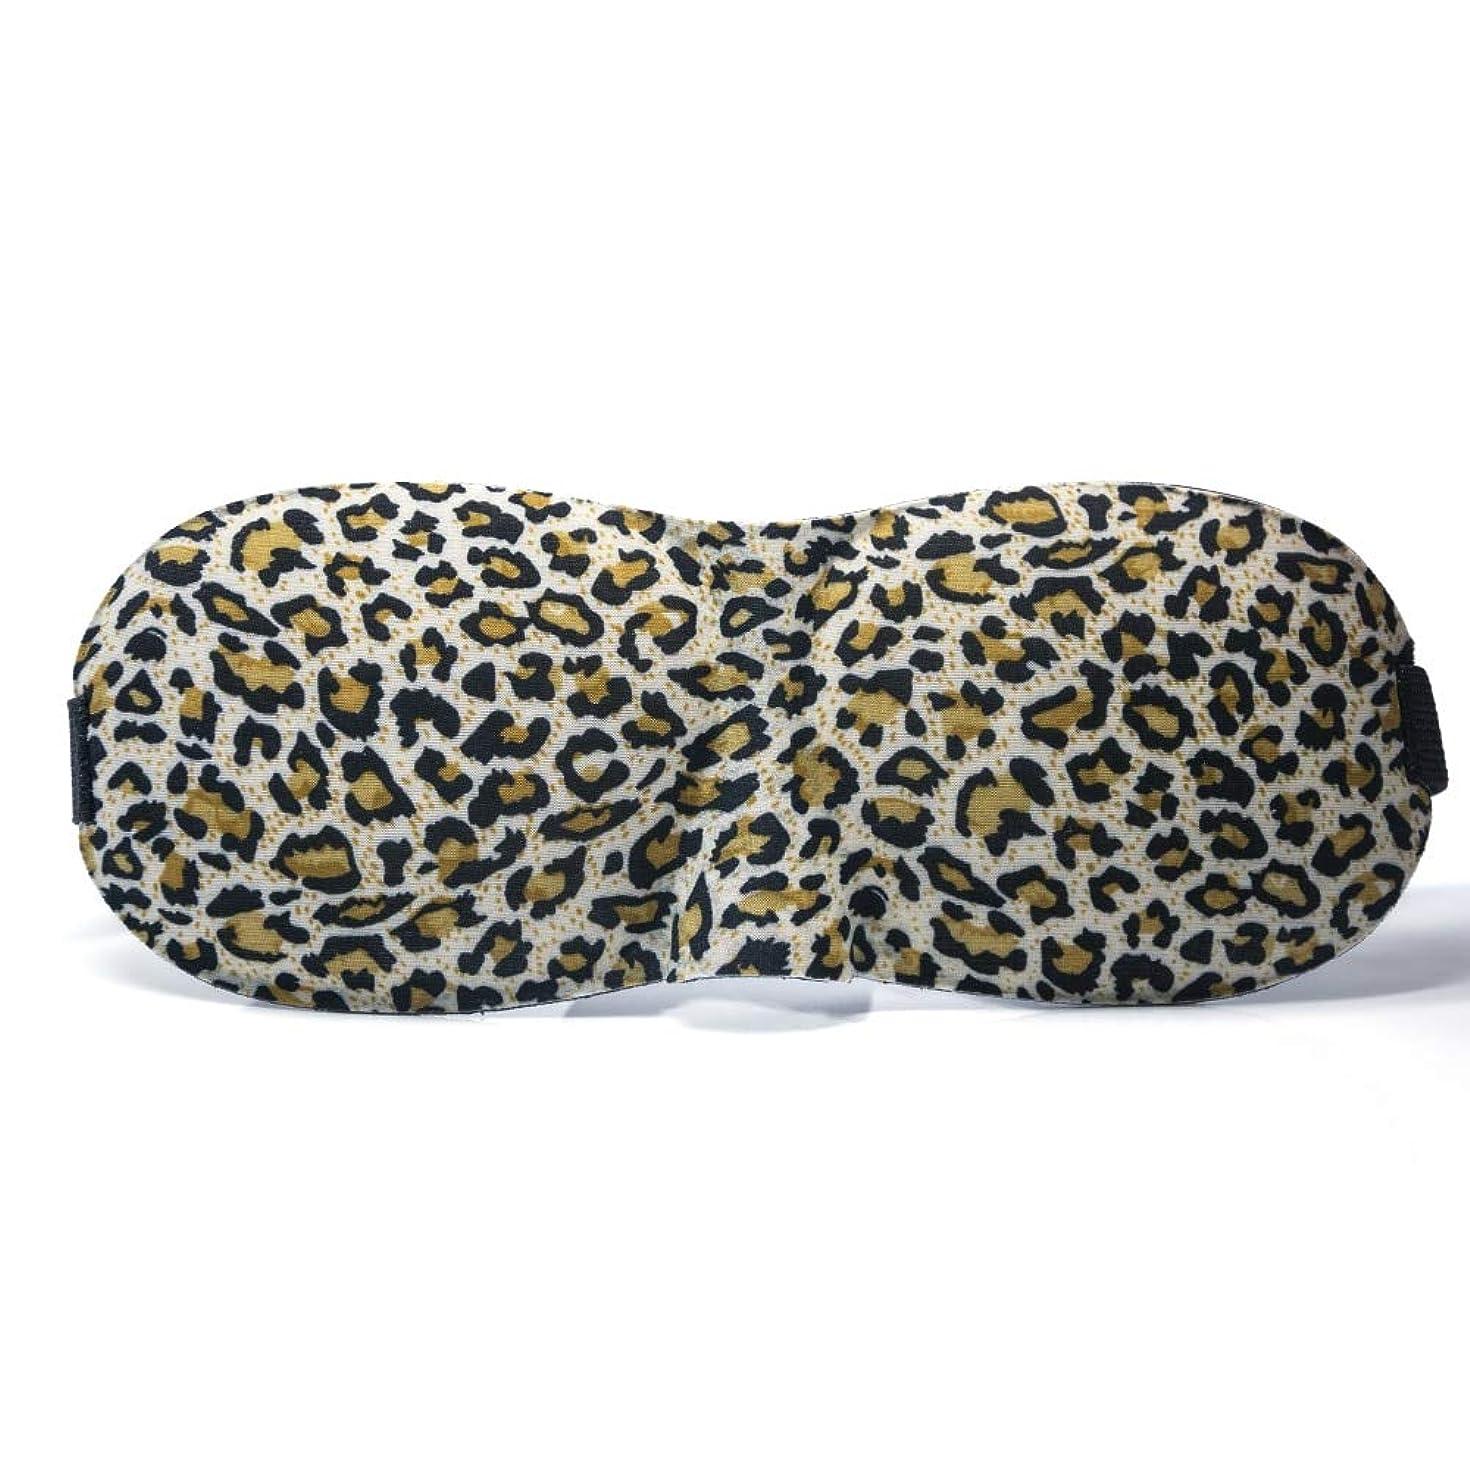 通行料金同様の子NOTE 3d睡眠マスクソフトポータブル目隠し旅行アイパッチ自然睡眠アイシェードカバーシェードアイパッチコットンブルーブラックC 1372